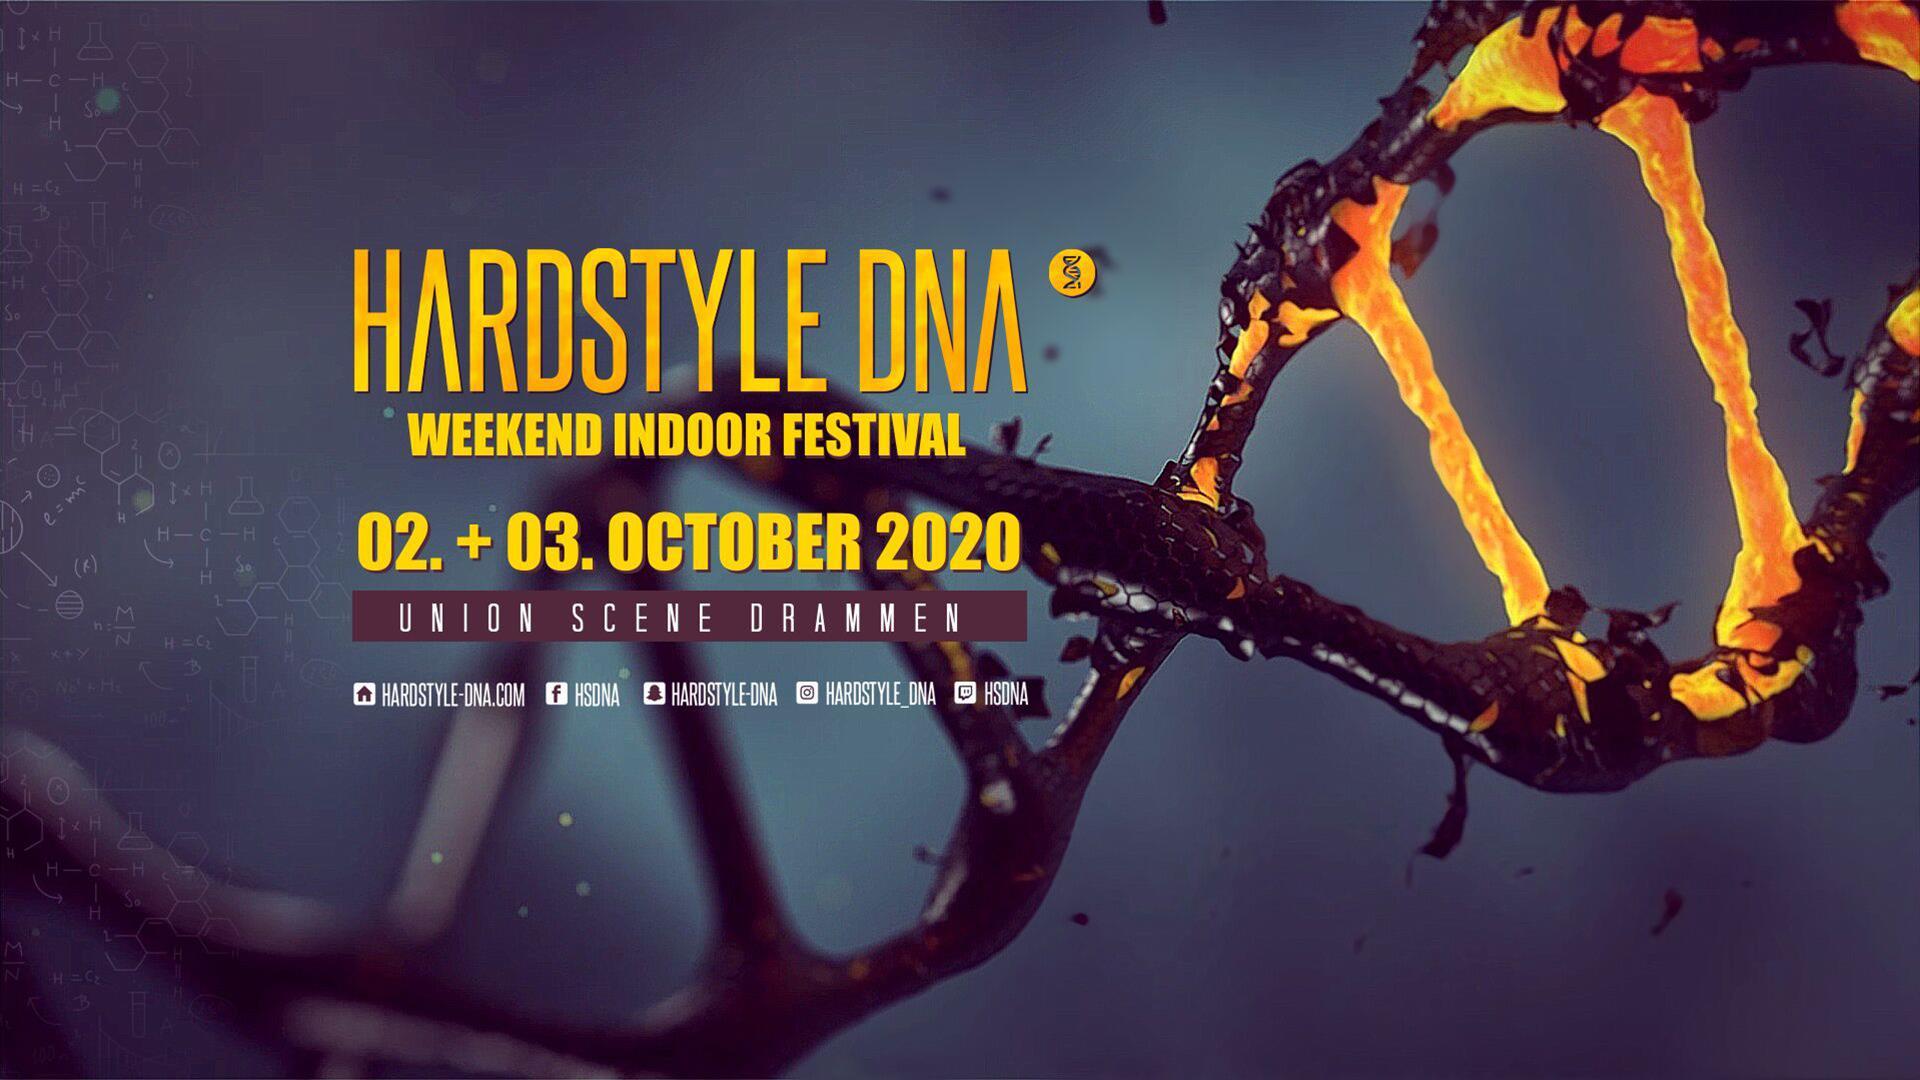 Hardstyle DNA